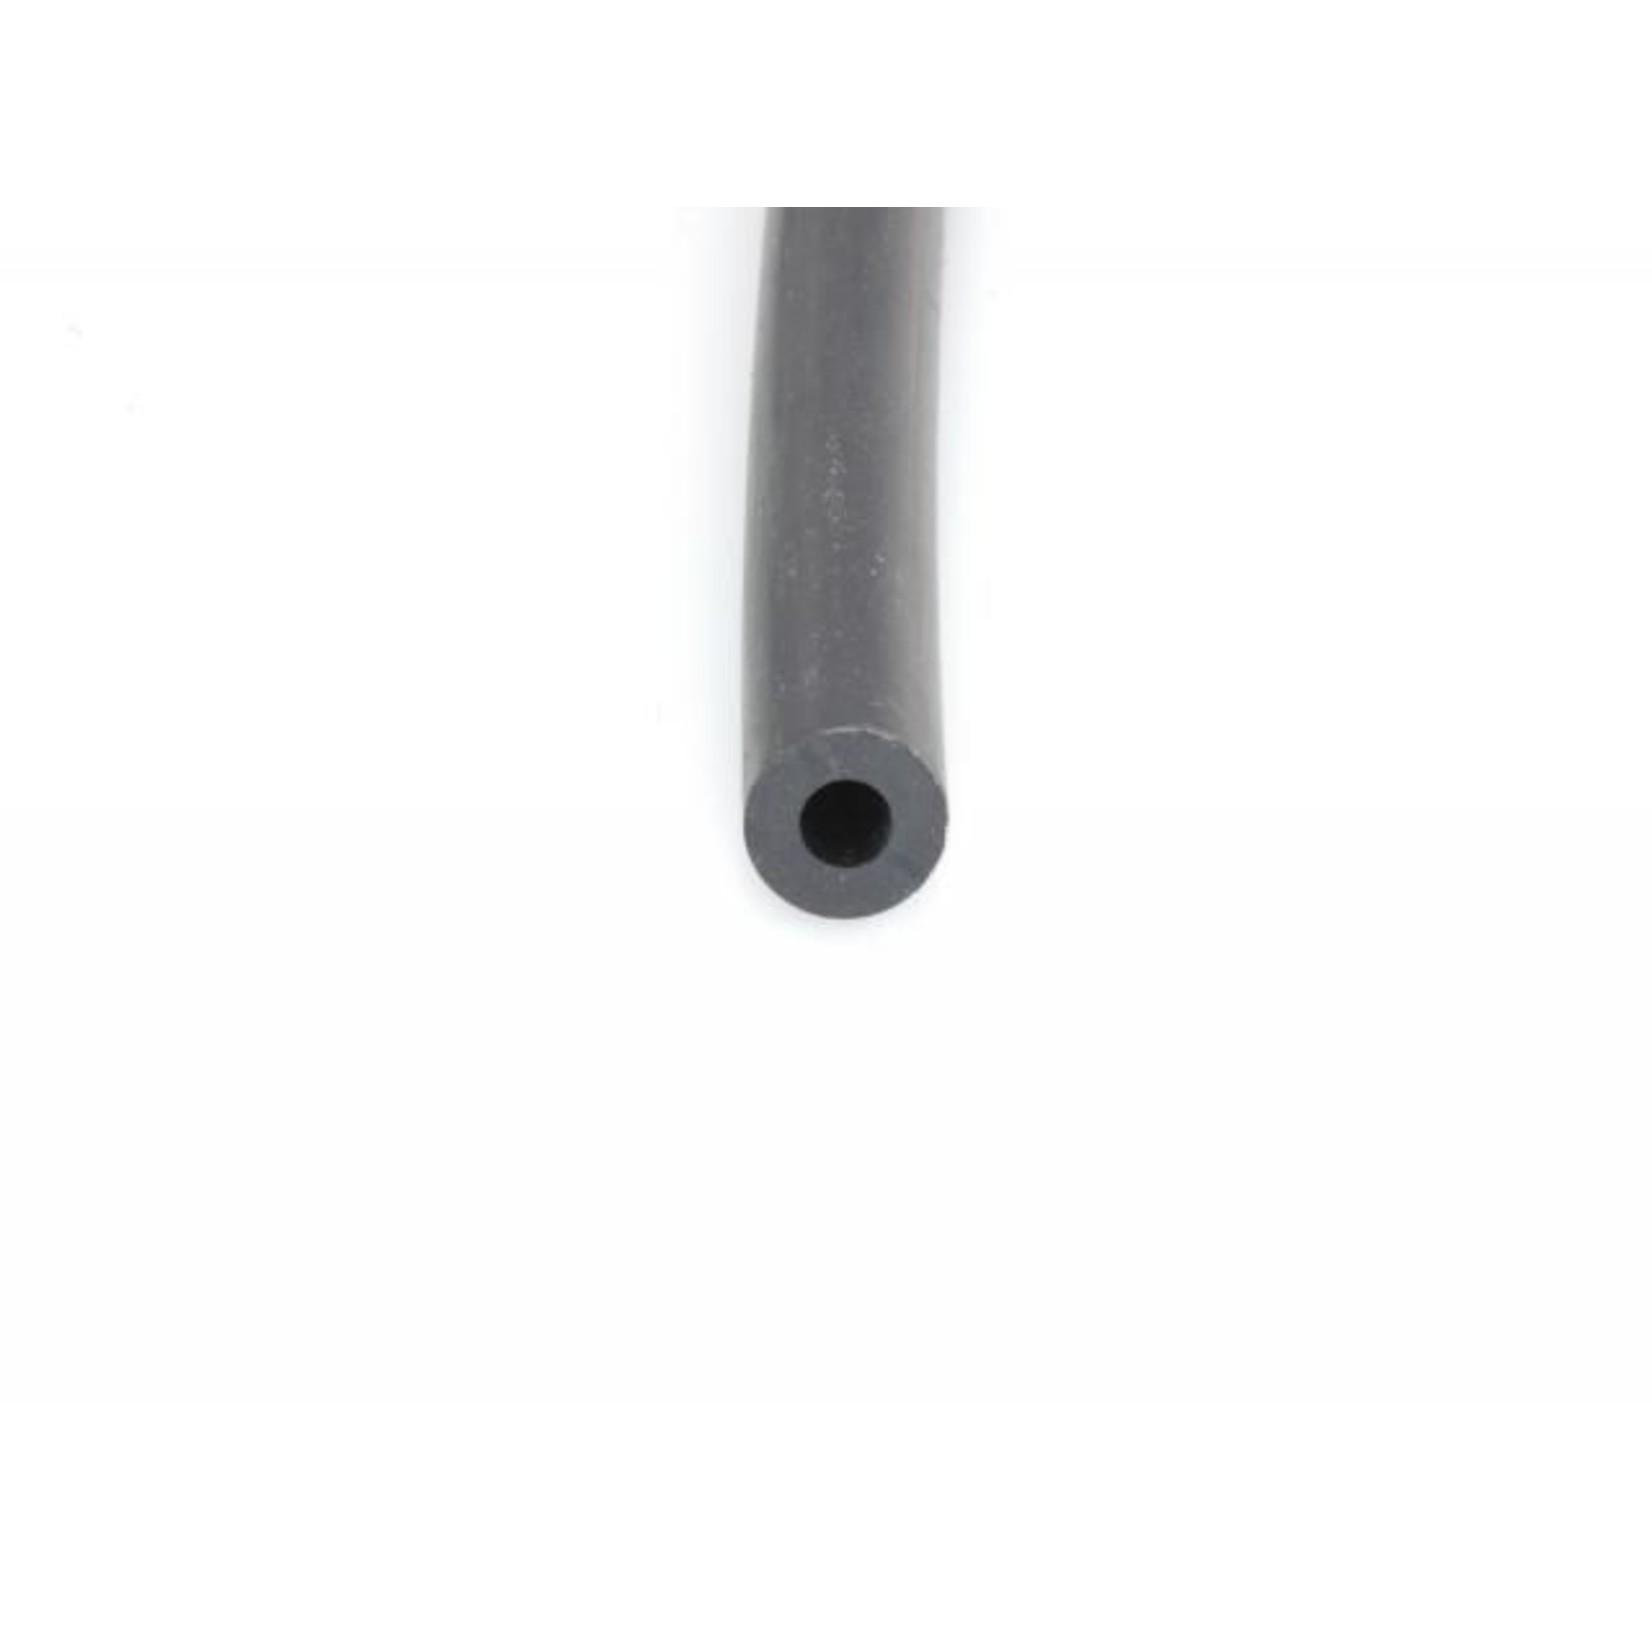 Tubo de retorno caucho LHS 5 x 11mm Nr Org: DS453163